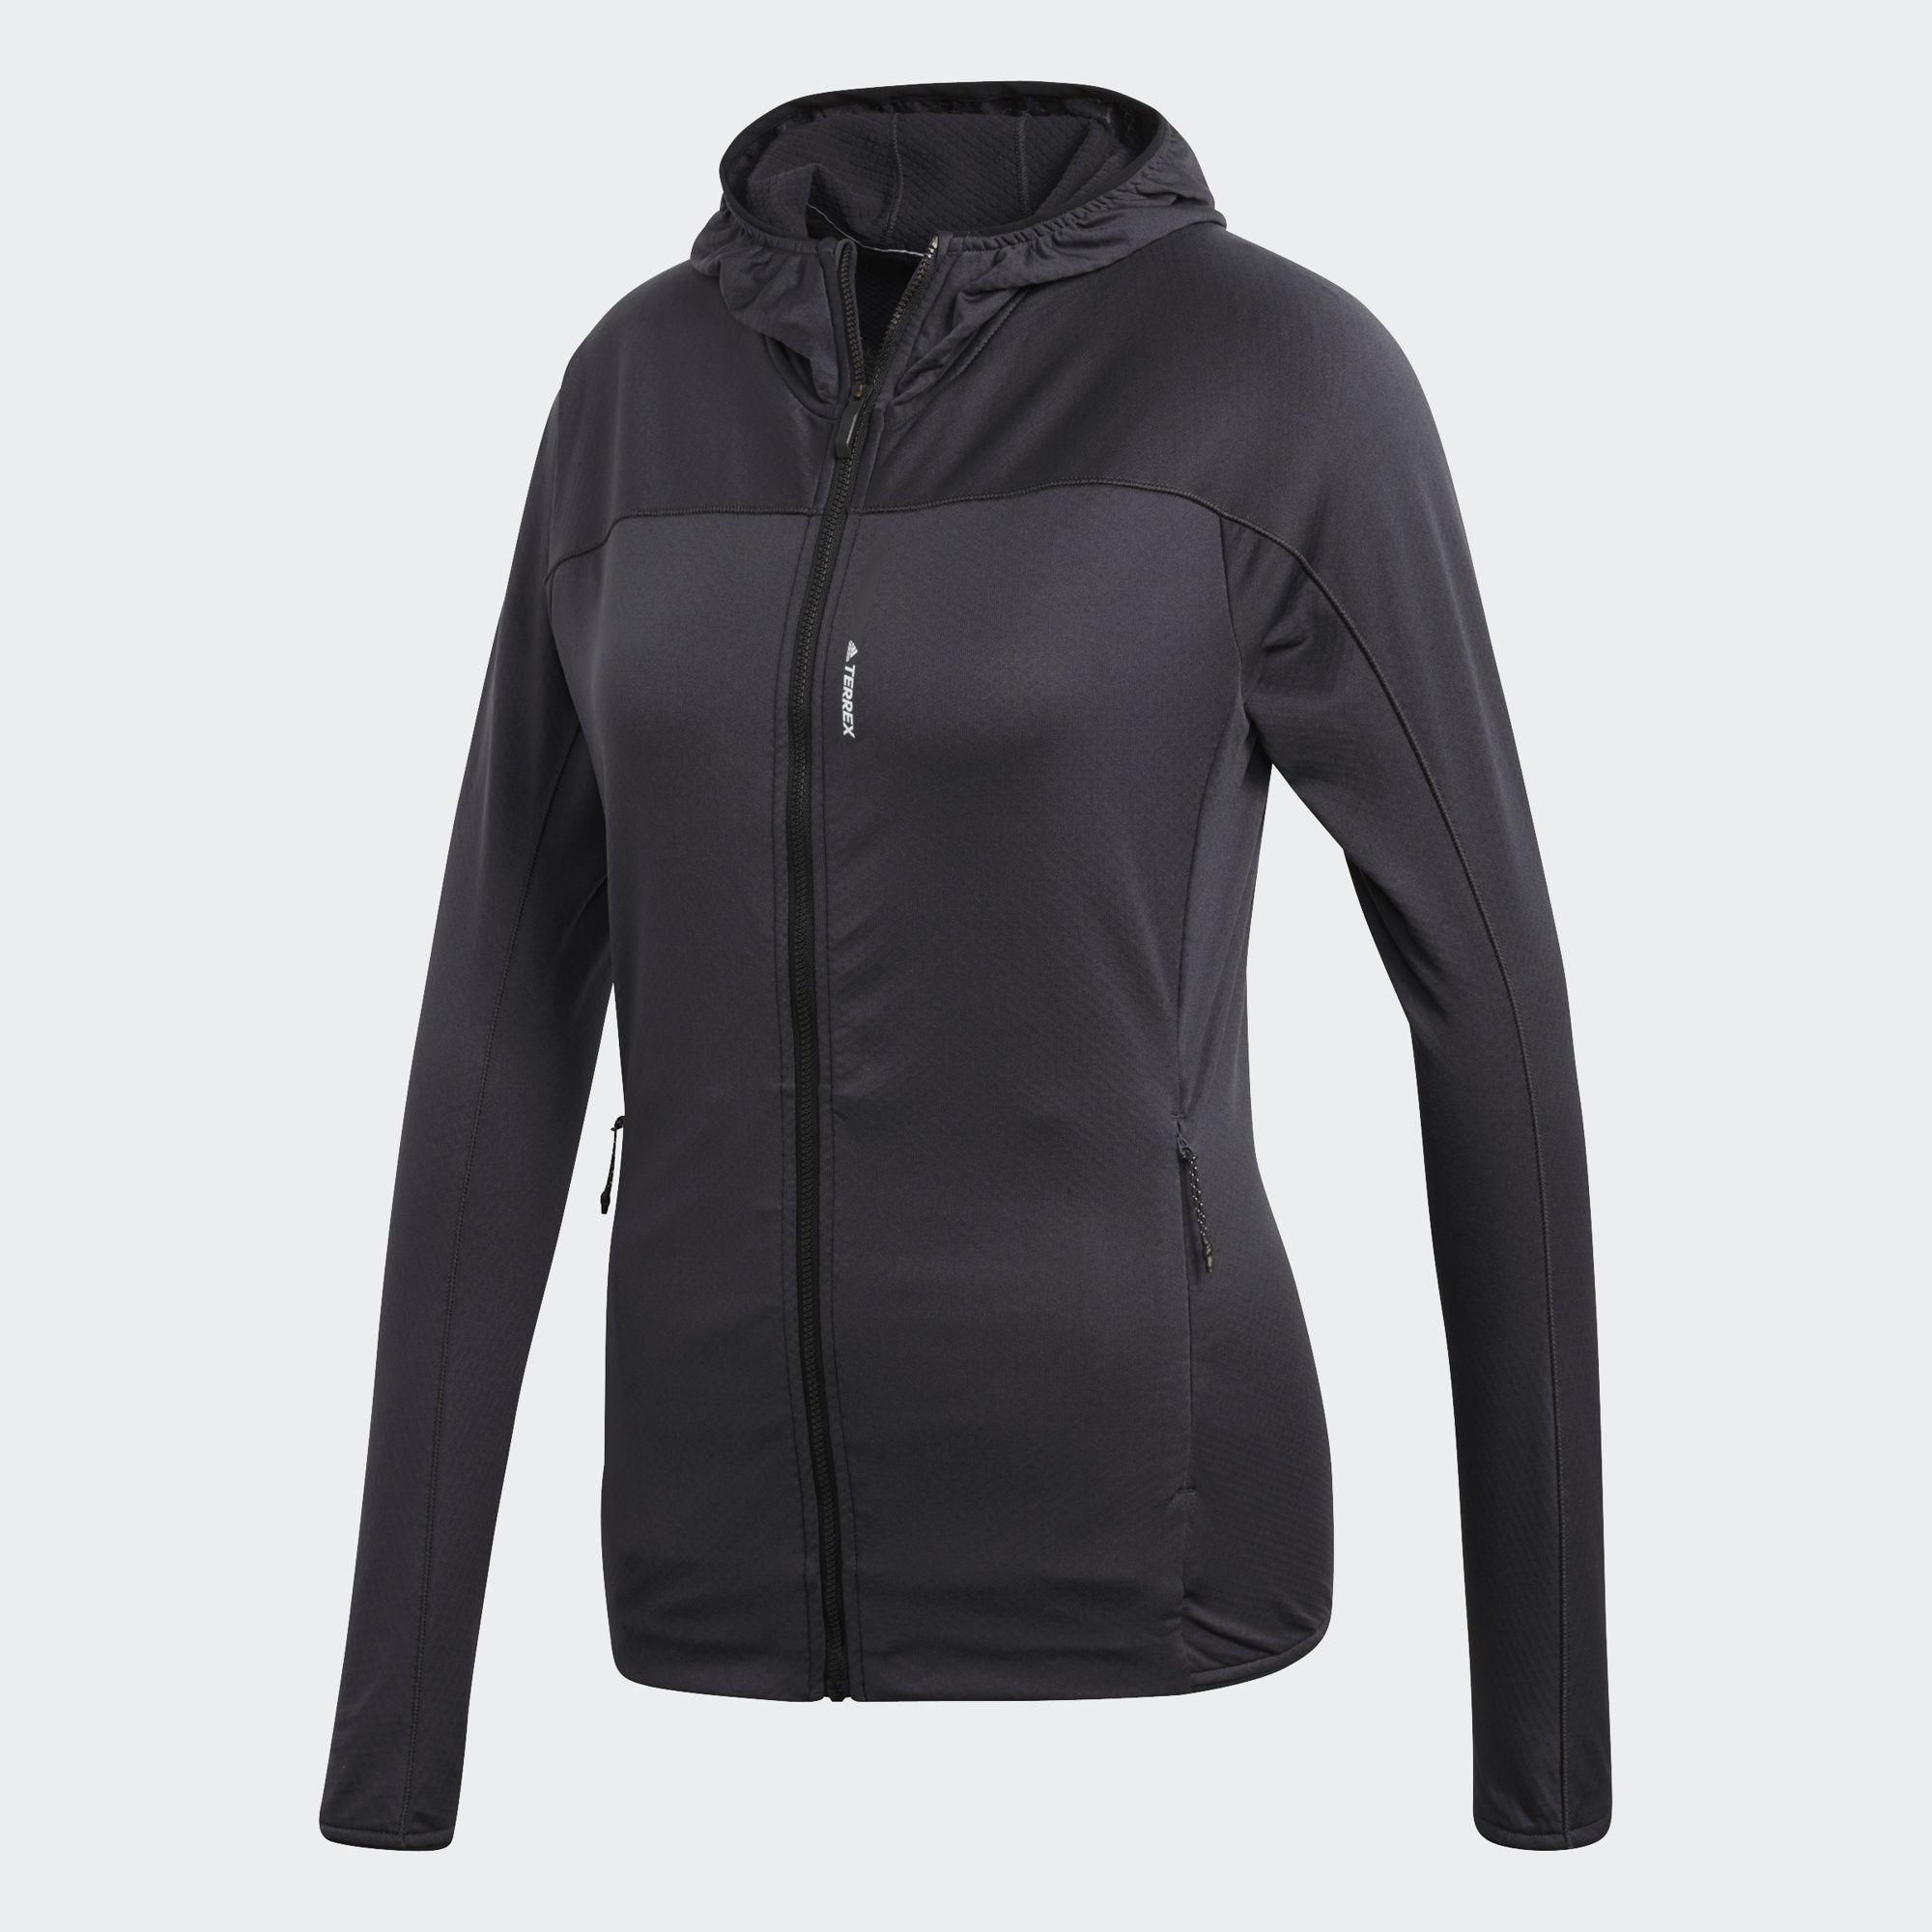 Толстовка женская adidas W Tracero Ho Fl, цвет: черный. CG2421. Размер 40 (46/48)CG2421Женская флисовая толстовка от adidas, созданная для комфорта движений и отличной вентиляции. Подкладка из материала с вафельной текстурой эффективно отводит излишки влаги и позволяет коже дышать. Благодаря приталенному крою и облегающему капюшону модель легко надевается под теплую куртку или жилет. Мягкий эластичный флис для полной свободы движений.